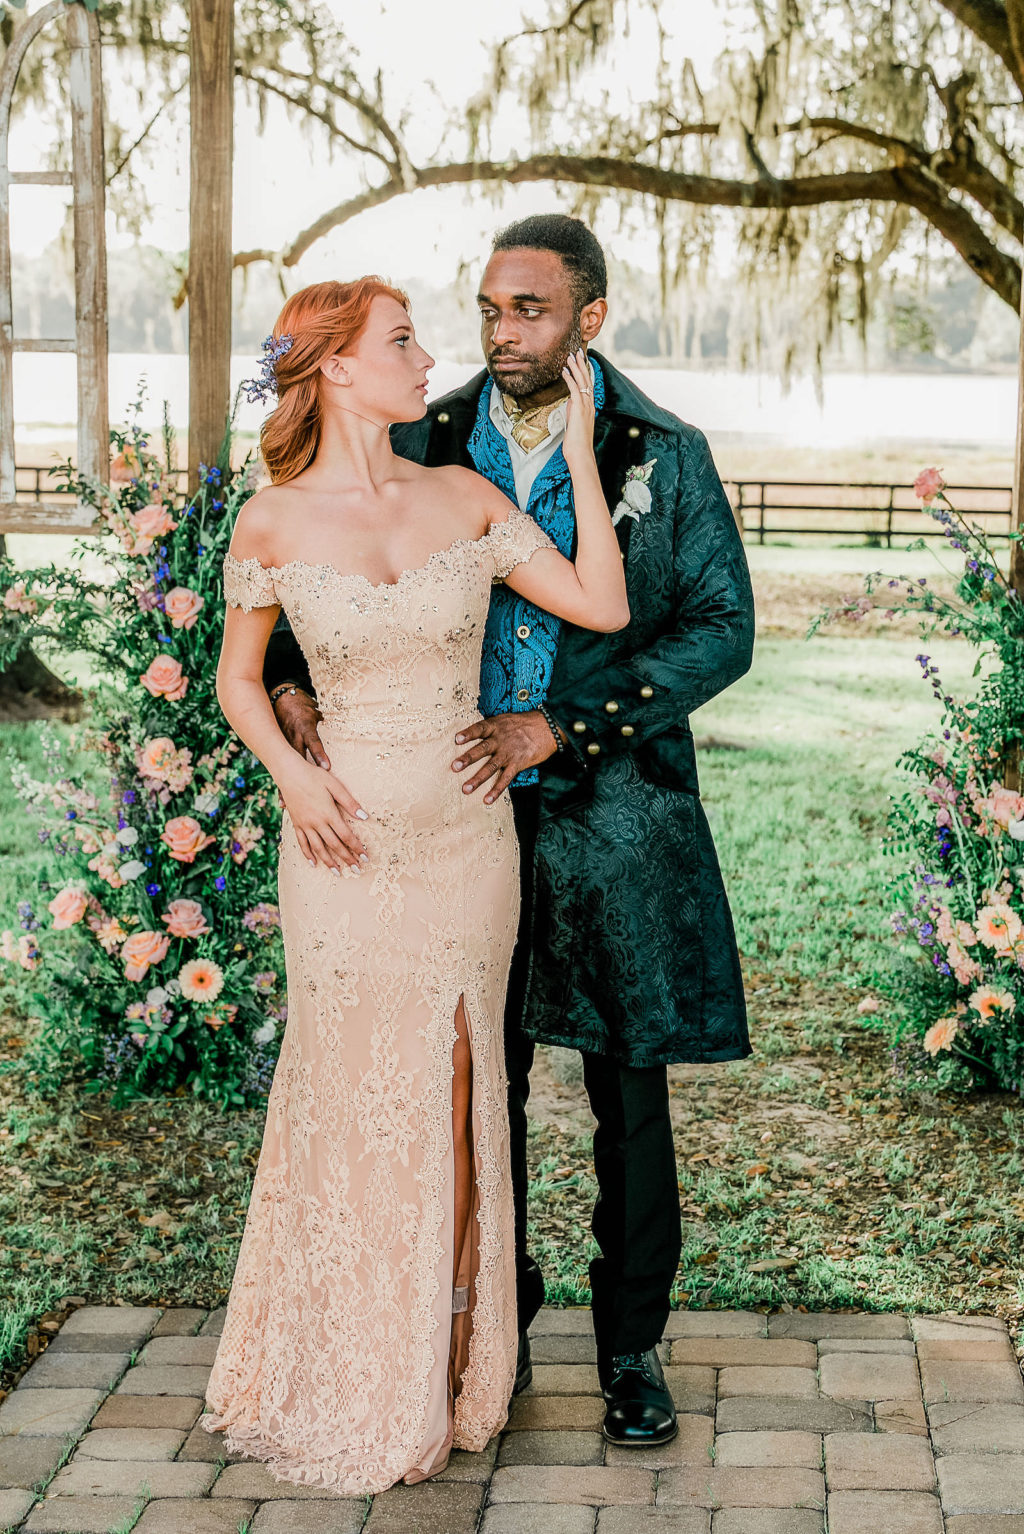 Bridgerton Inspired Wedding | Bride and Groom Portrait | Covington Farms Tampa Wedding Venue